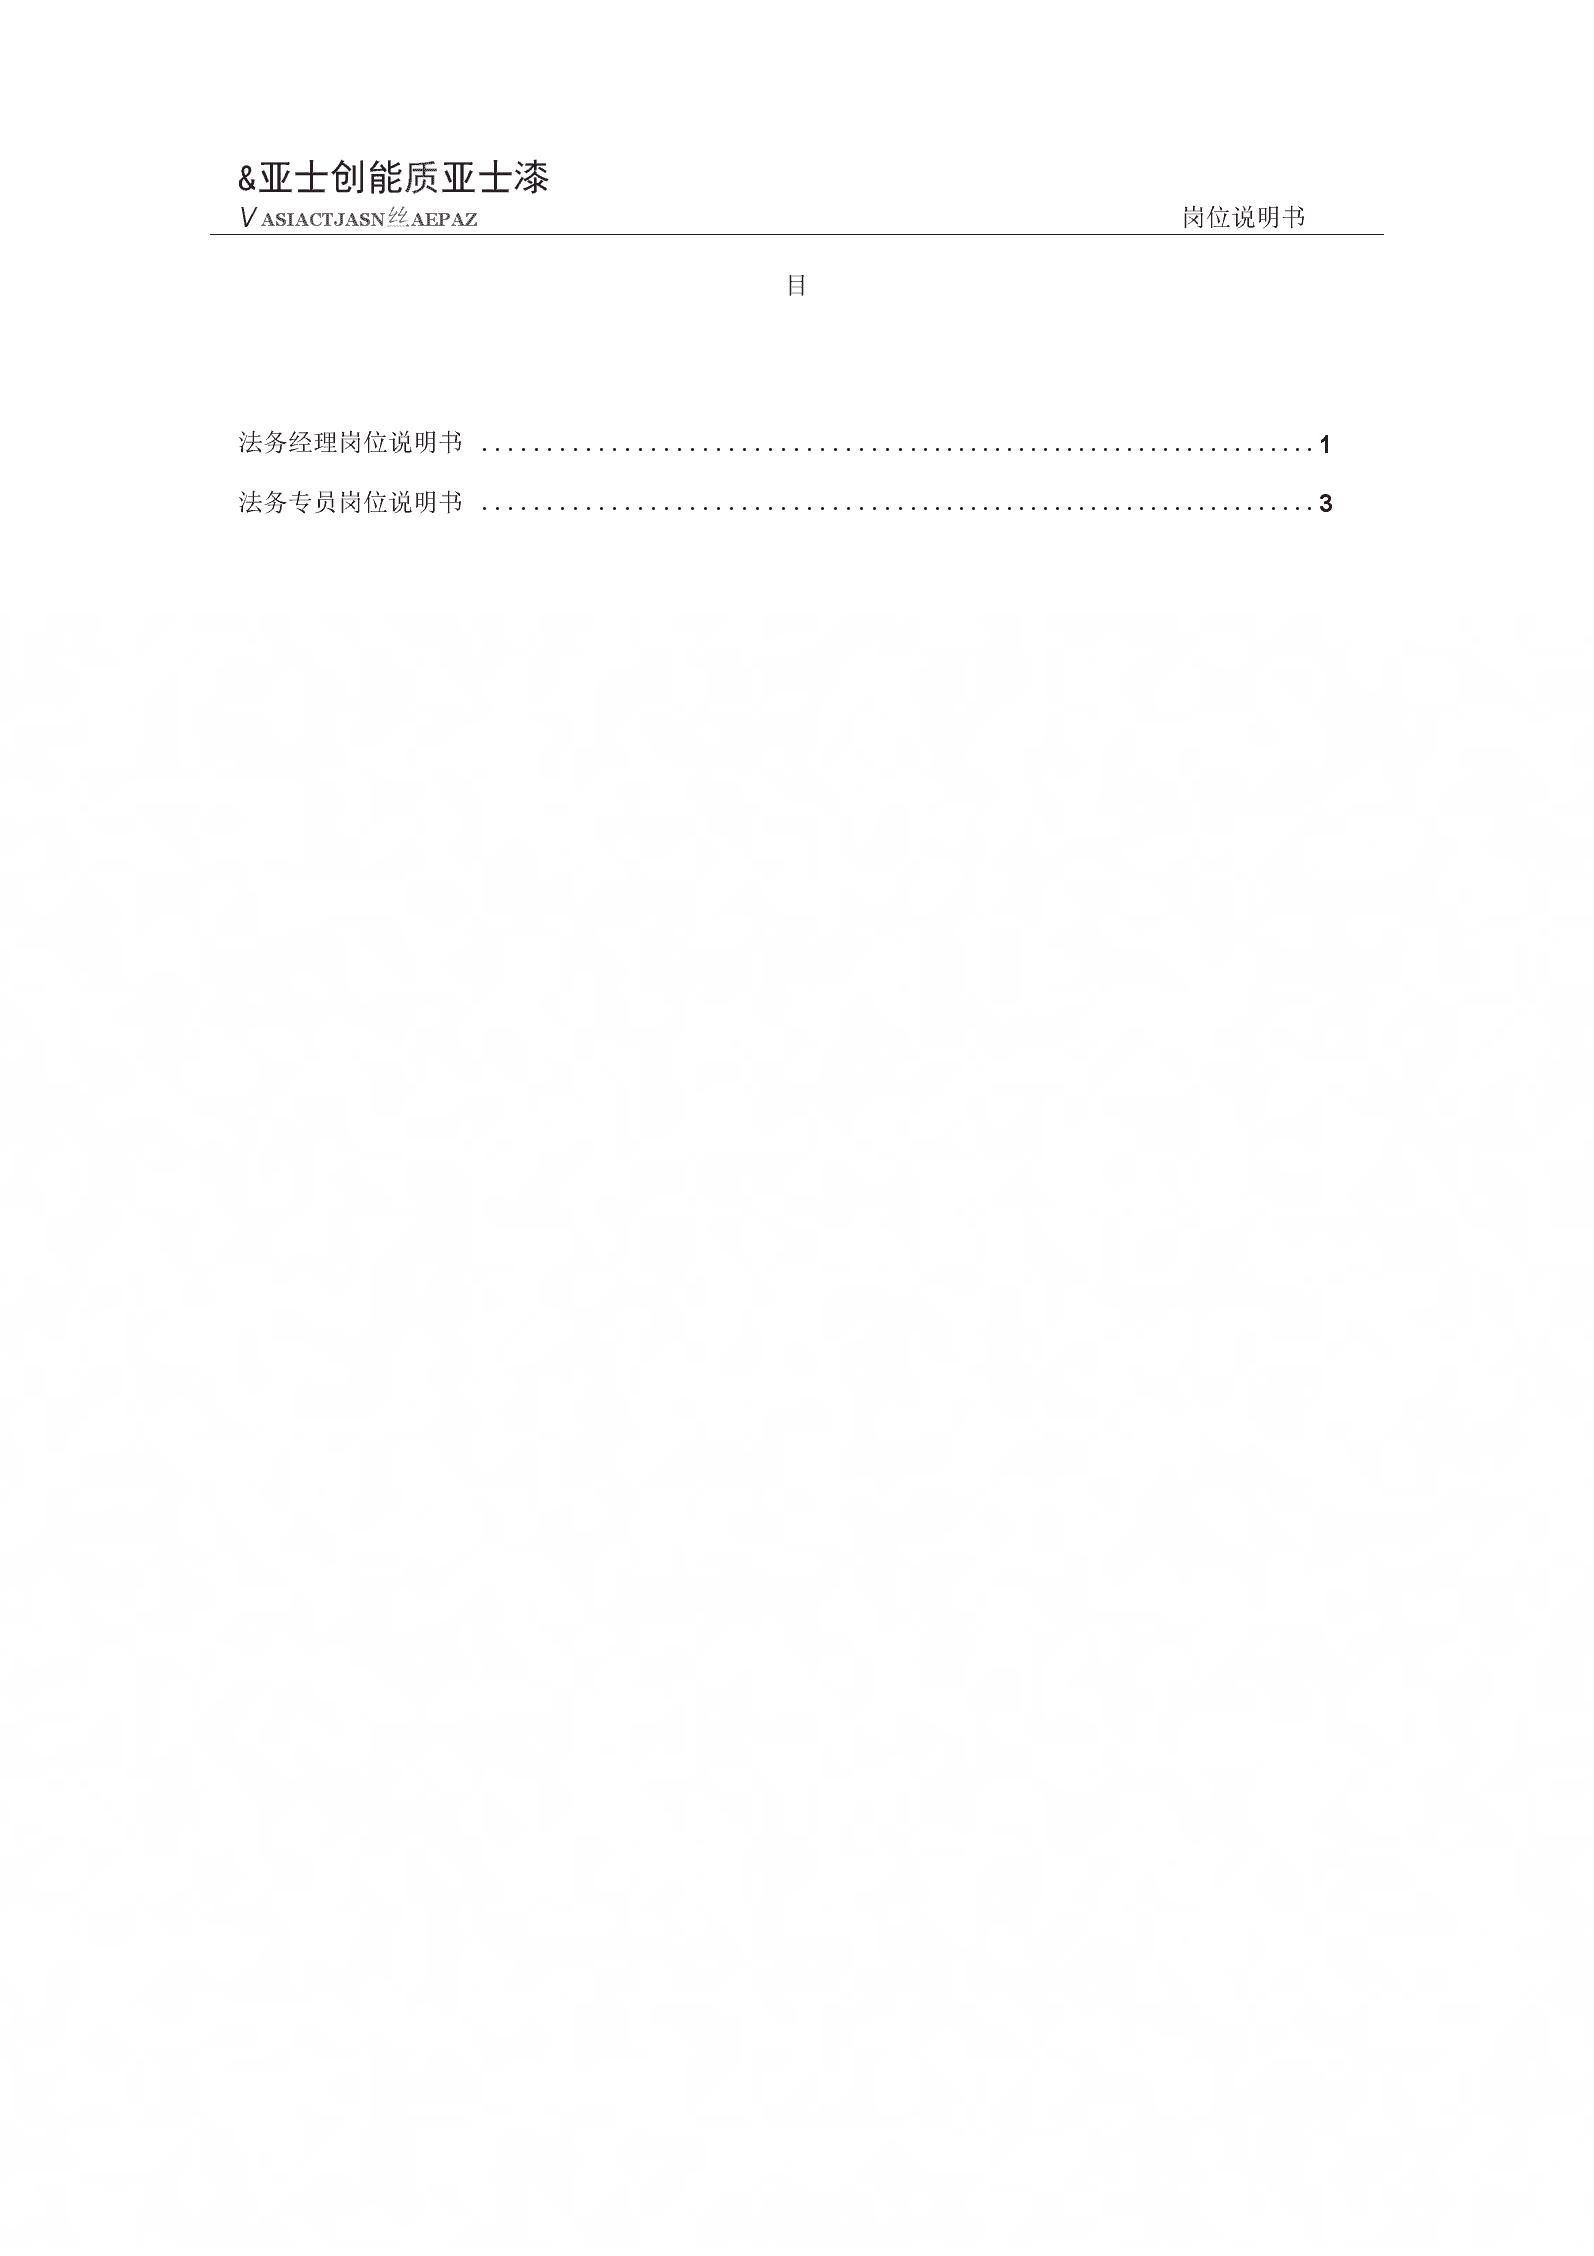 《法务部岗位说明书》.docx